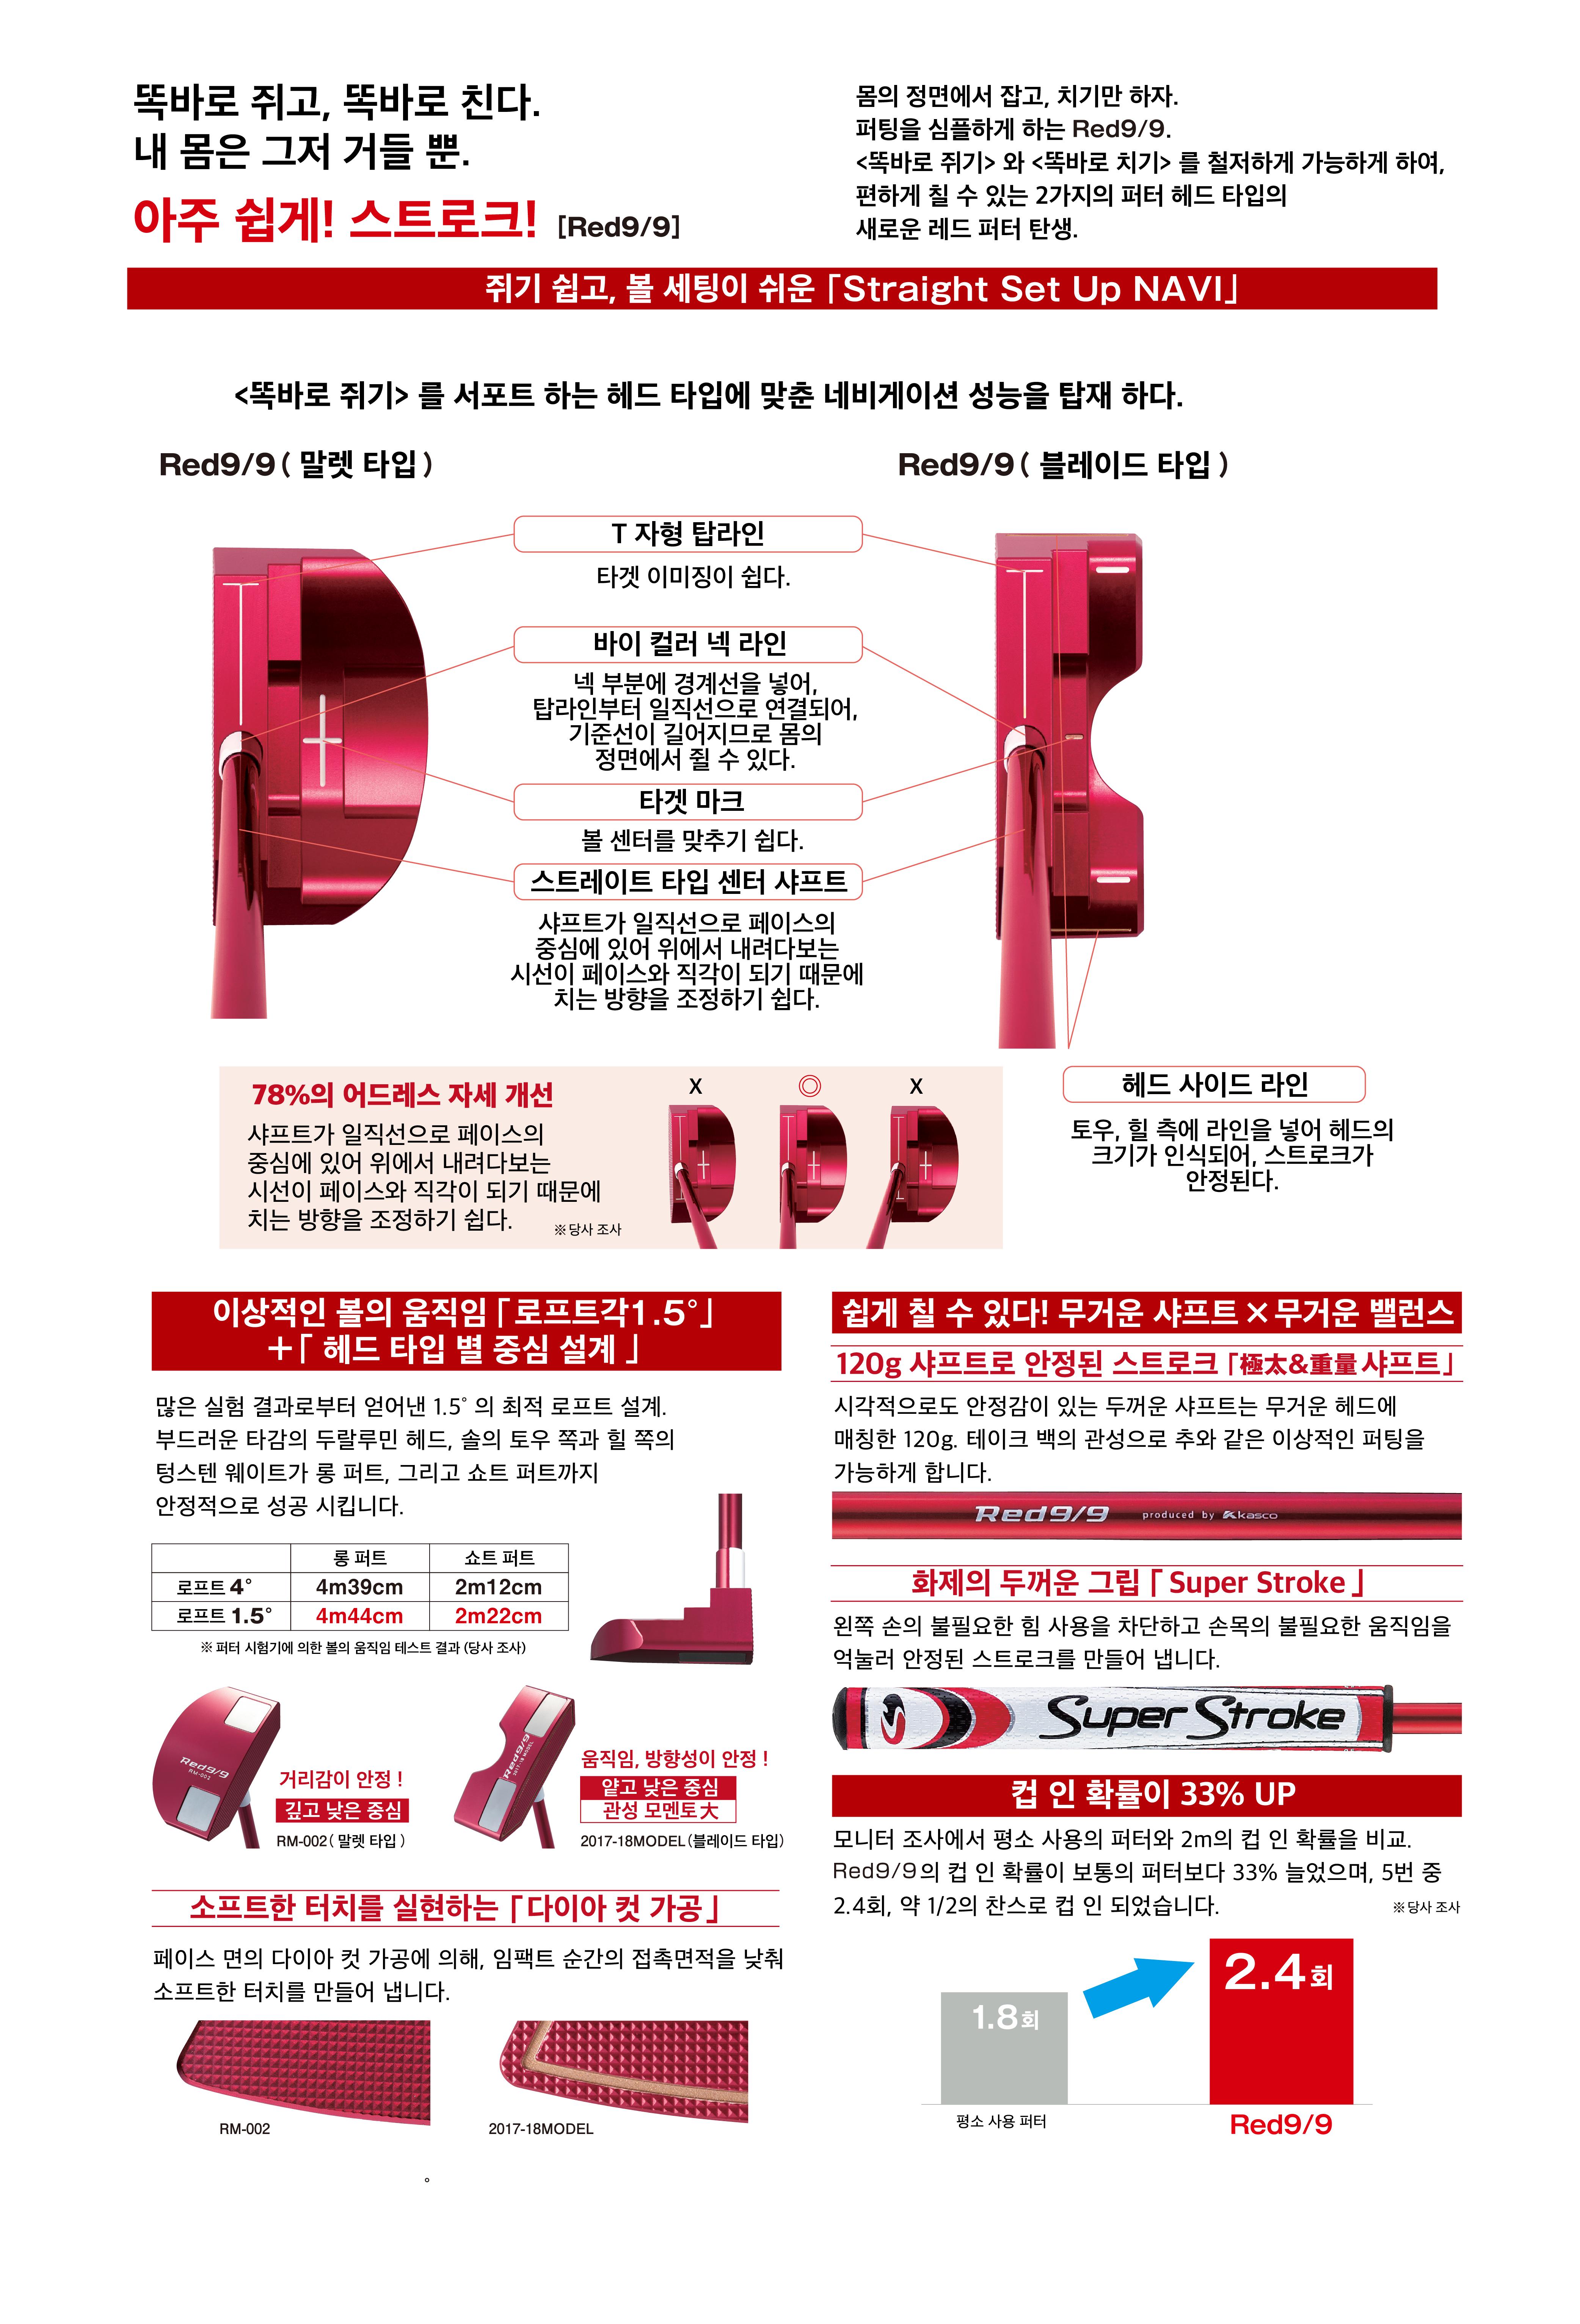 red99koreanver-01